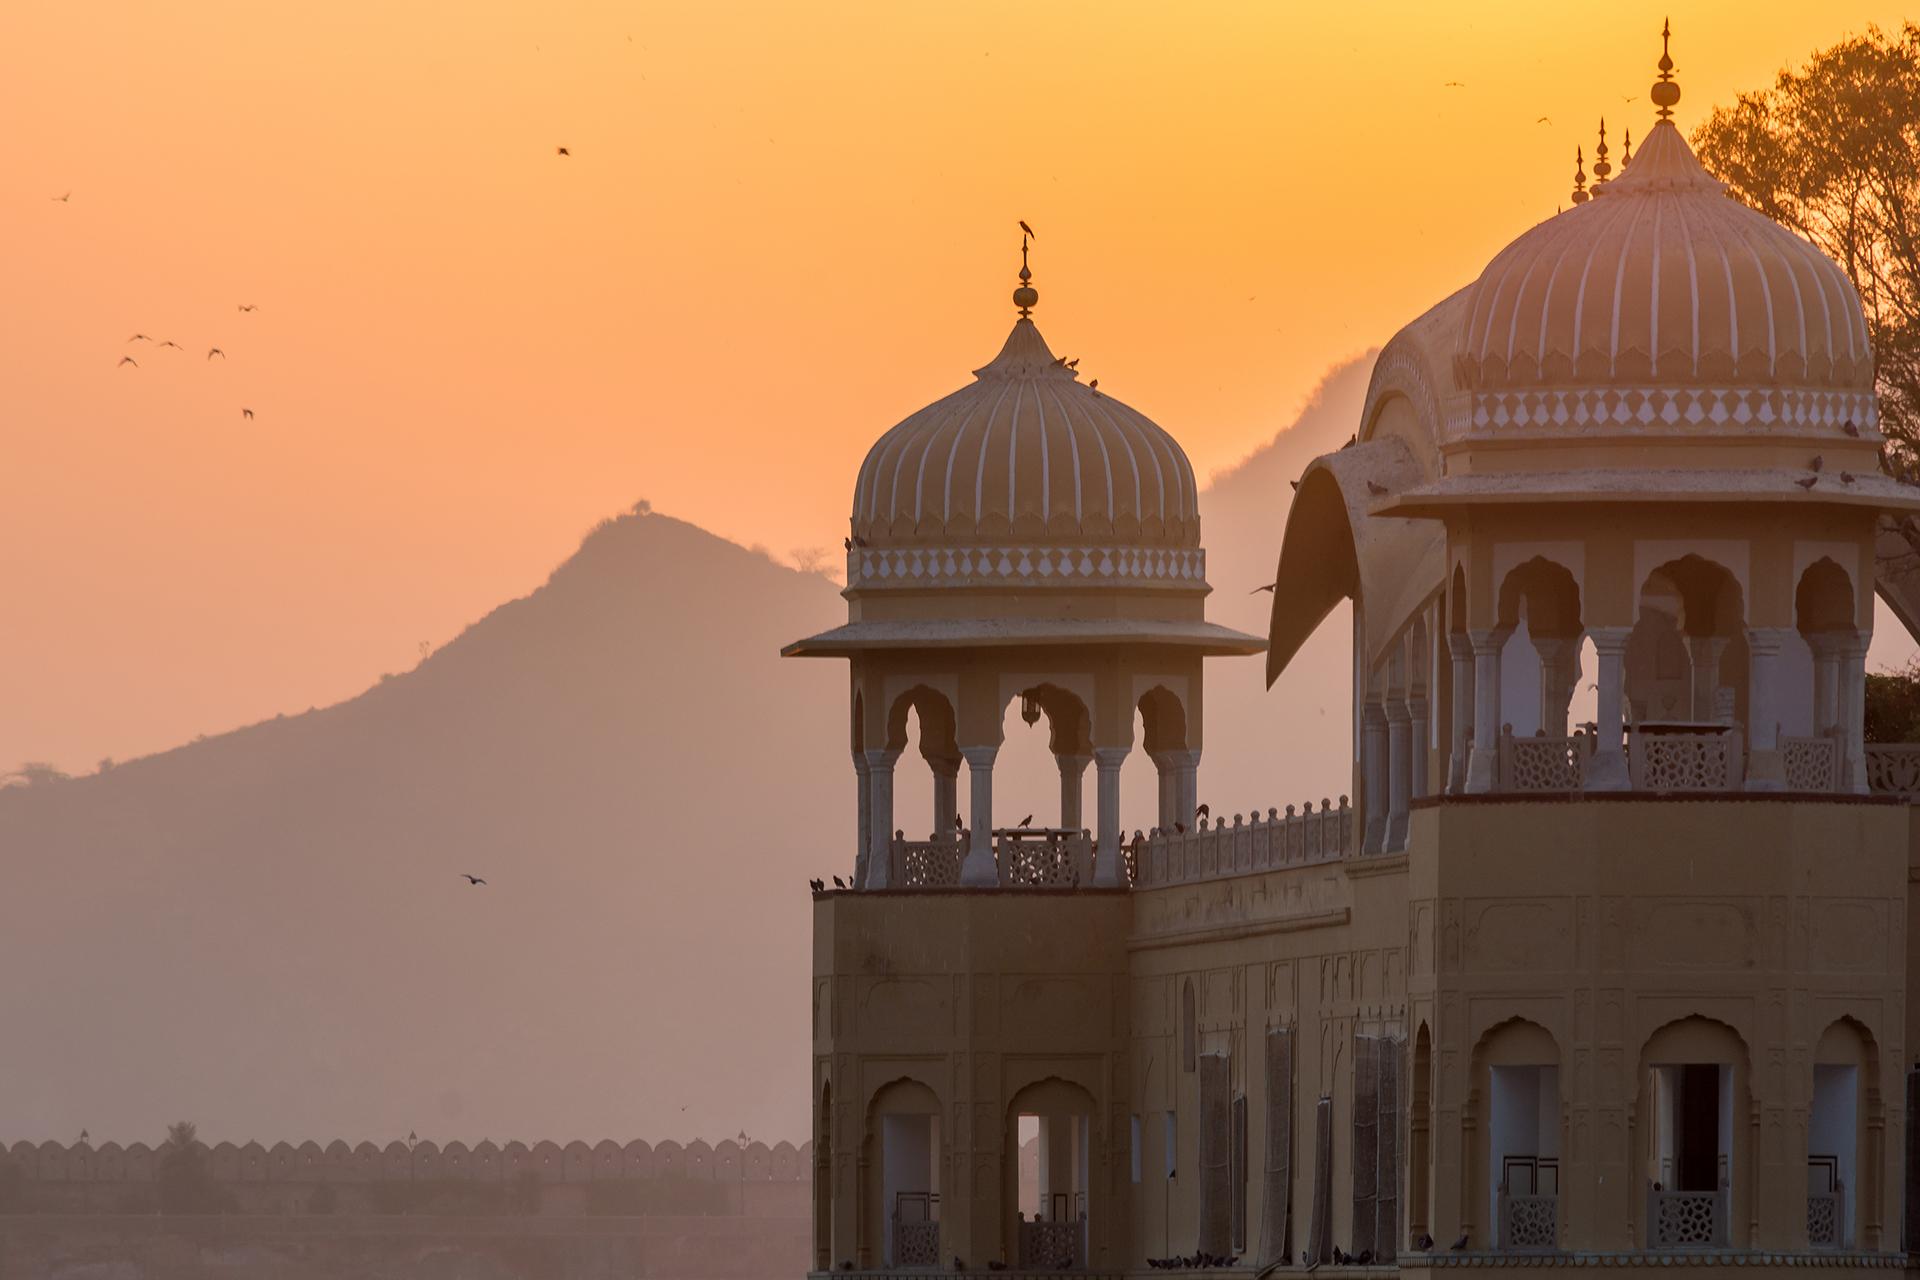 Jal Mahal es una inusual estructura. No es exactamente un palacio, ya que no hay cuartos habitables para quedarse. Lo que tiene es una terraza jardín en la que el maharajá daba agradables paseos